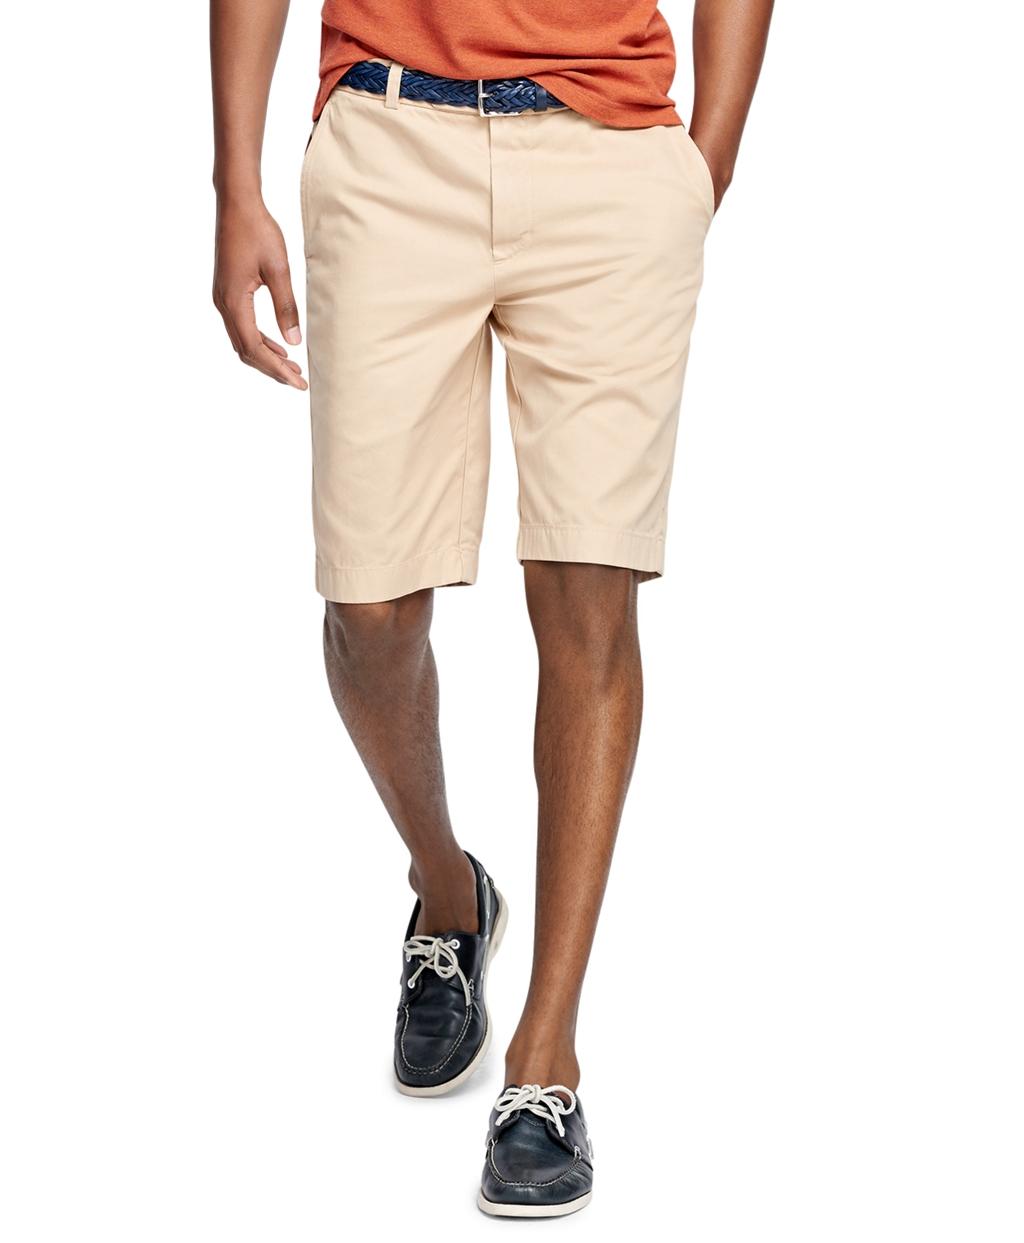 c0de7b0b45 Men's Garment-Dyed Plain-Front 11